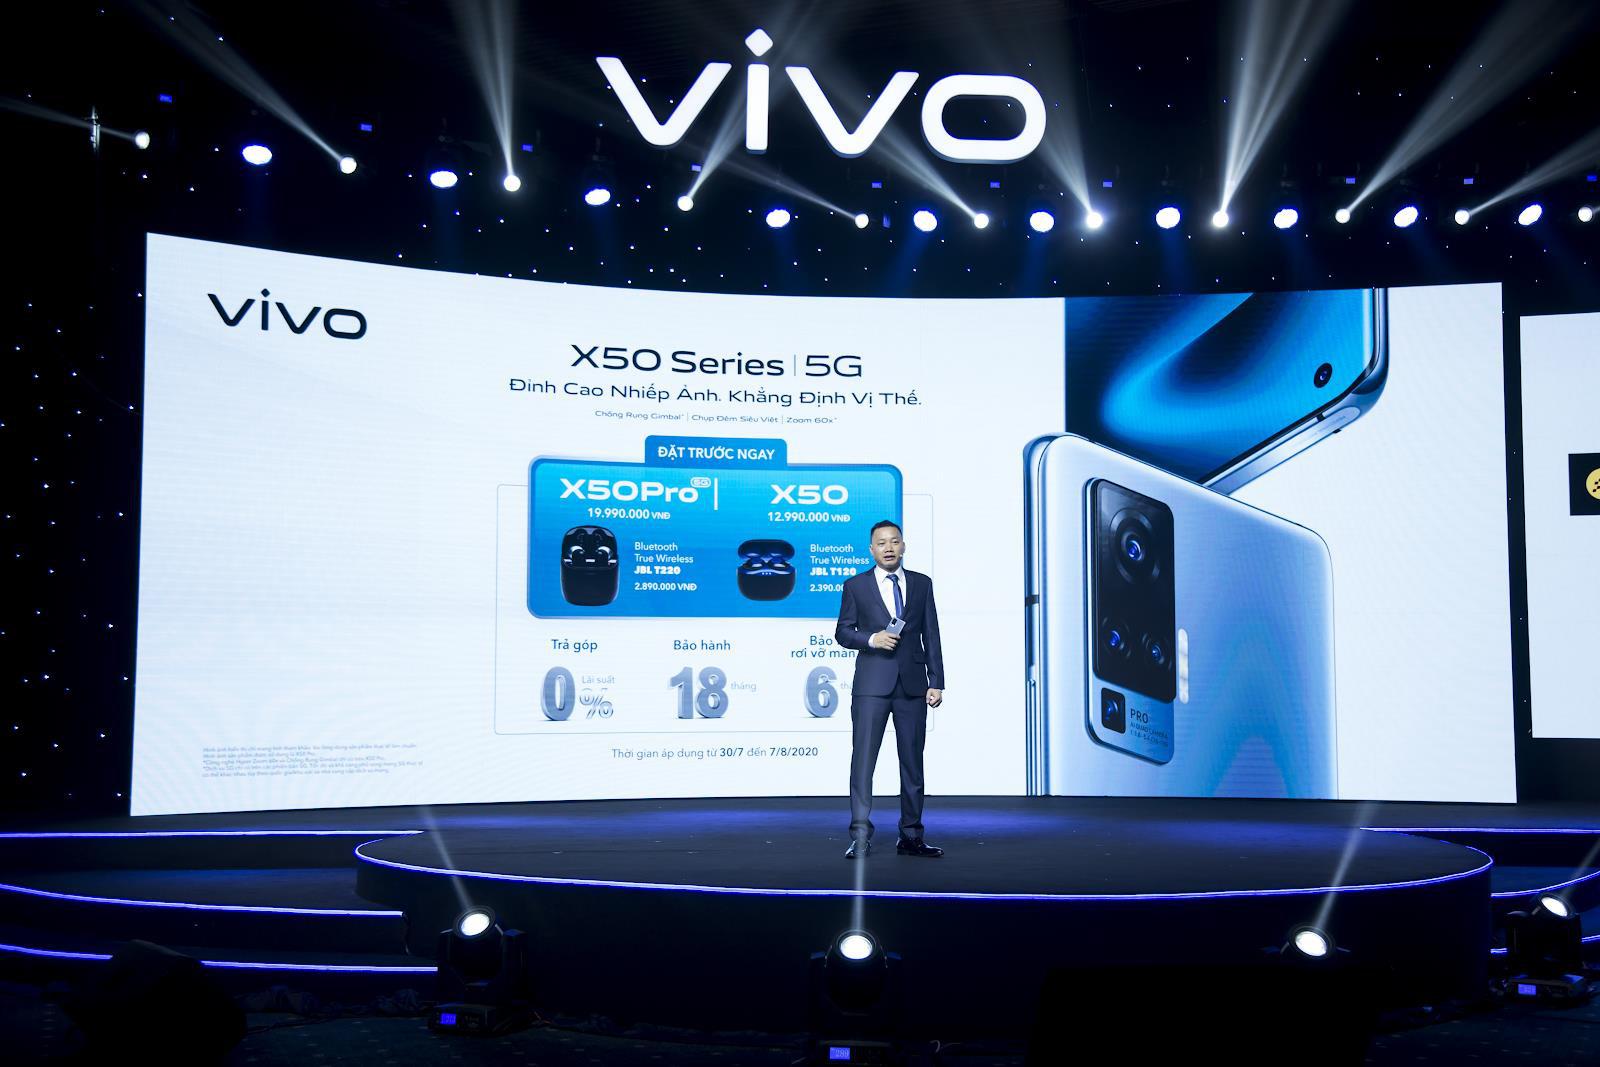 vivo X50 và vivo X50 Pro chính thức ra mắt tại Việt Nam: Camera Gimbal, chụp đêm siêu việt giá 12,99 và 19,99 triệu đồng cho hai phiên bản - Ảnh 6.